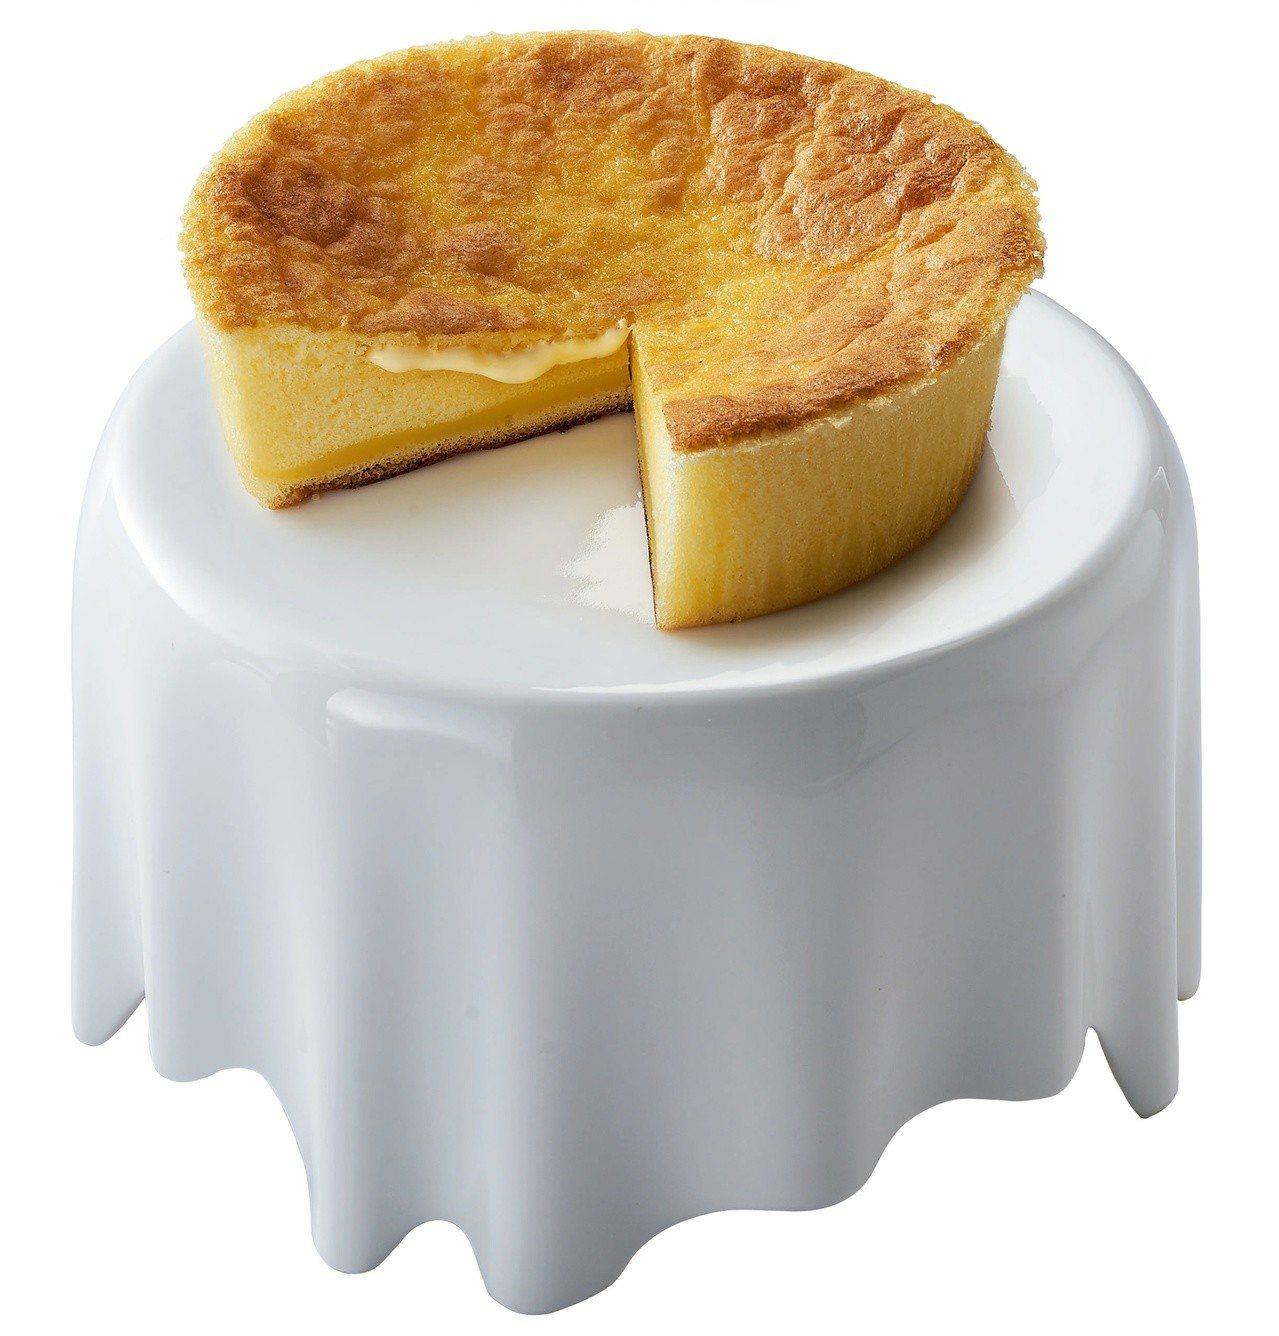 飛燕煉乳半熟凹蛋糕,5.5吋售價250元。圖/7-ELEVEN提供